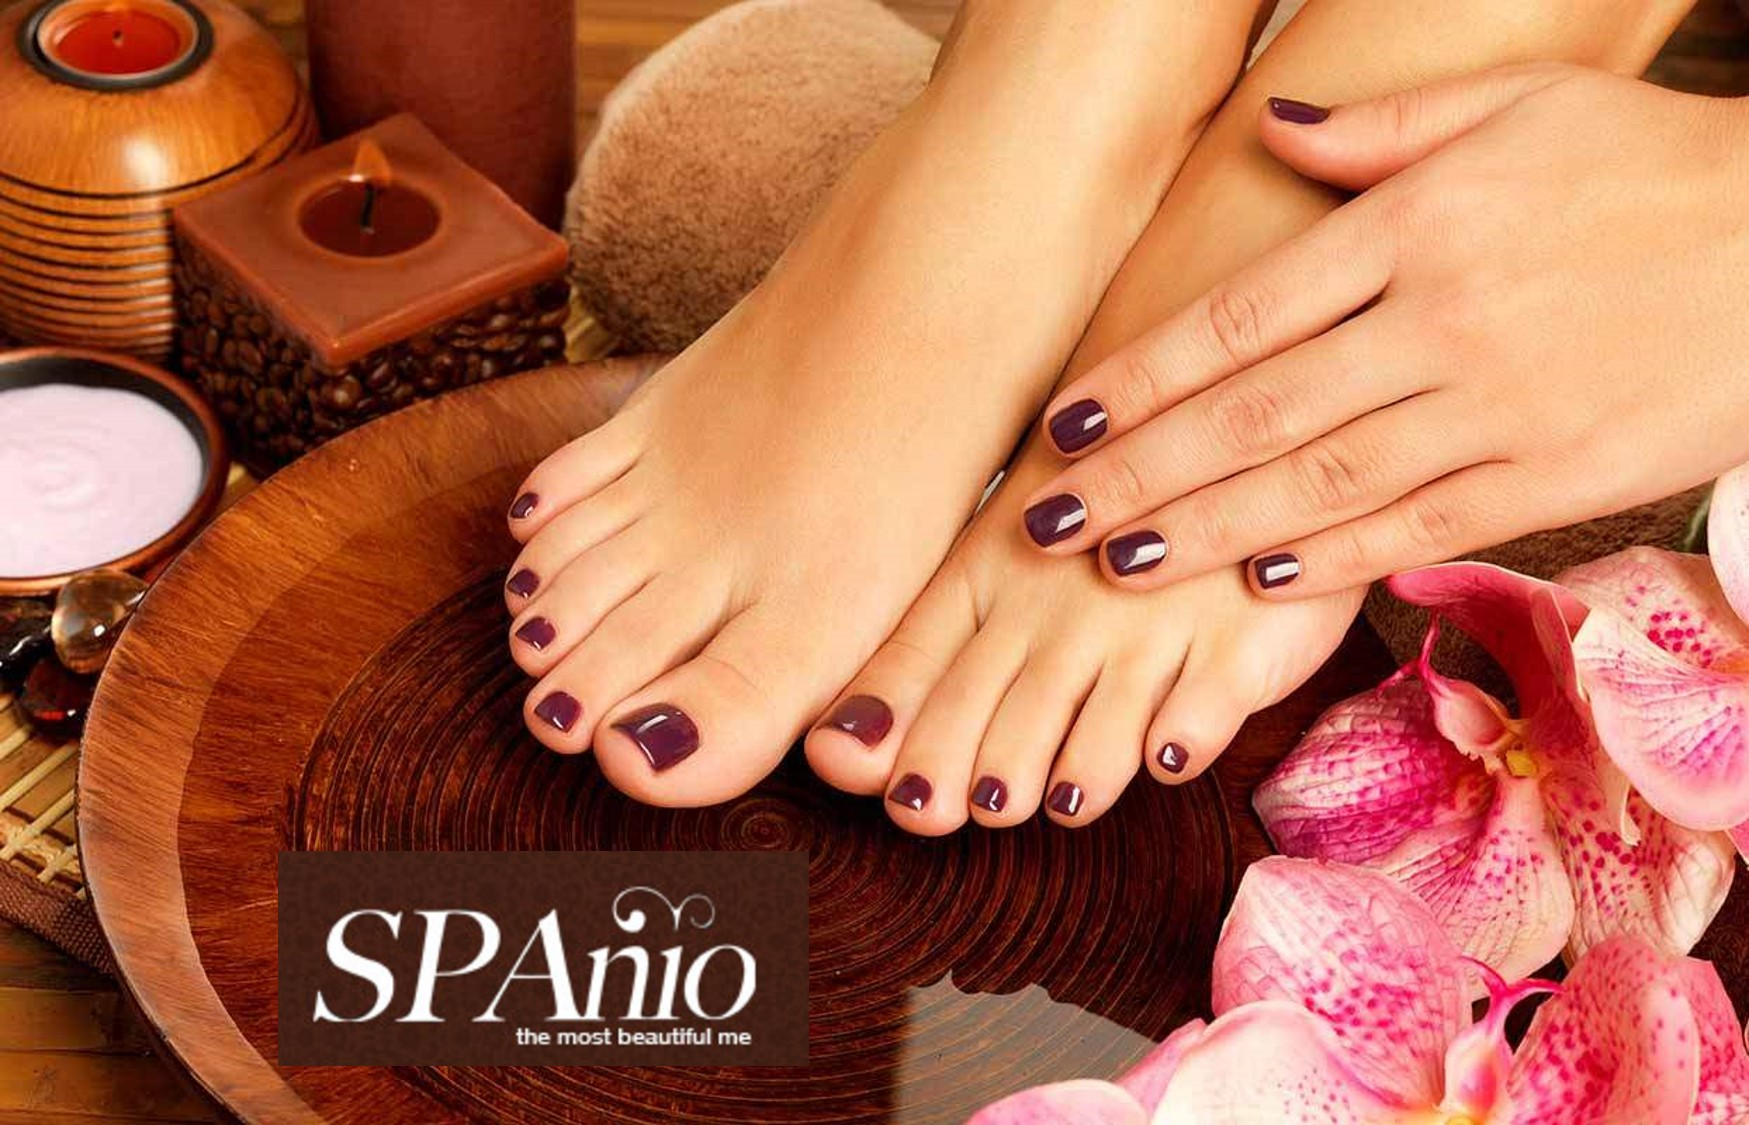 11,9€ από 35€ για Spa Manicure, Spa Pedicure, Ενυδατικό Spa Ακρων, Ποδόλουτρο με Jacuzzi & Peeling ποδιών, στο minimal κέντρο ομορφιας ''SPAnio'' στην Ν.Σμύρνη εικόνα